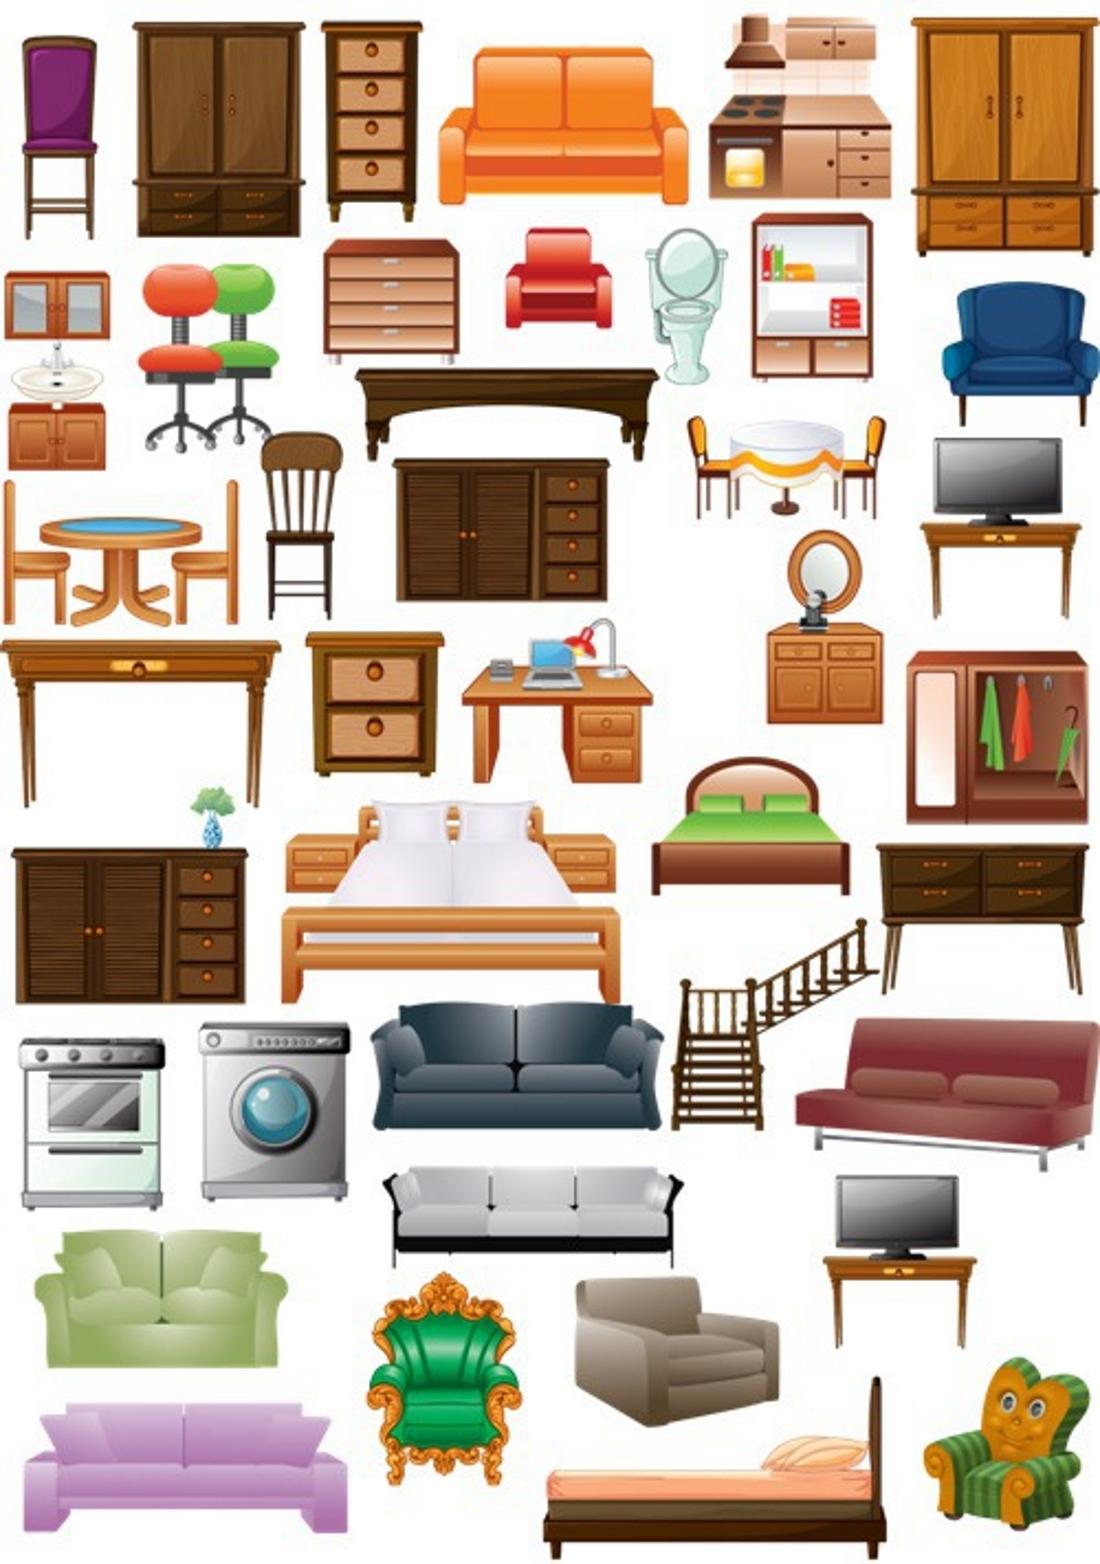 Datalife engine версия для печати клипарт мебель 2.